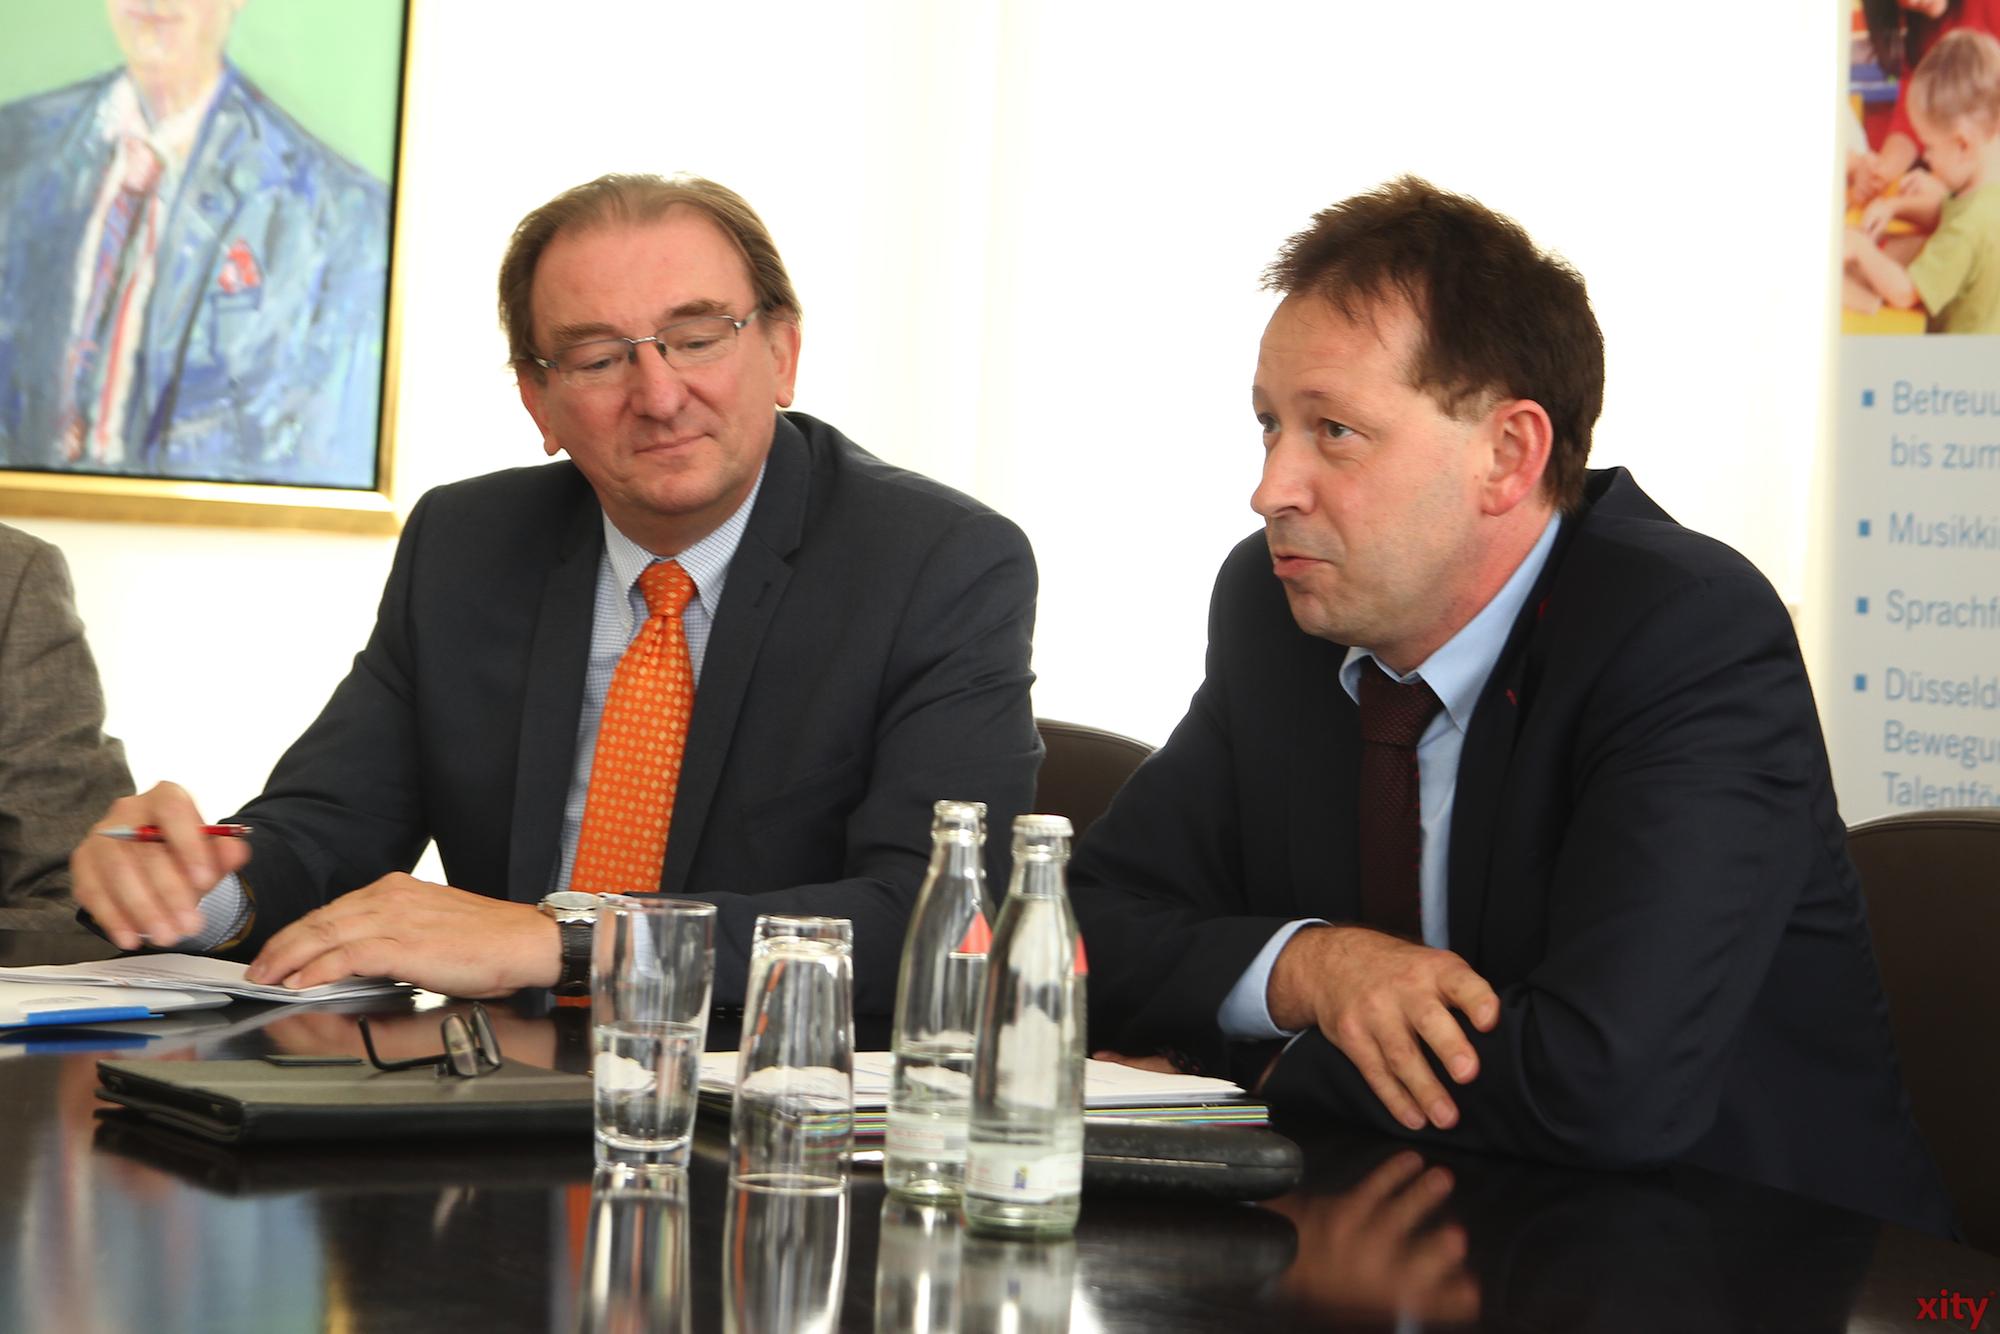 Jugendamtsleiter Johannes Horn und Jugenddezernent Burkhard Hintzsche (Foto: xity)